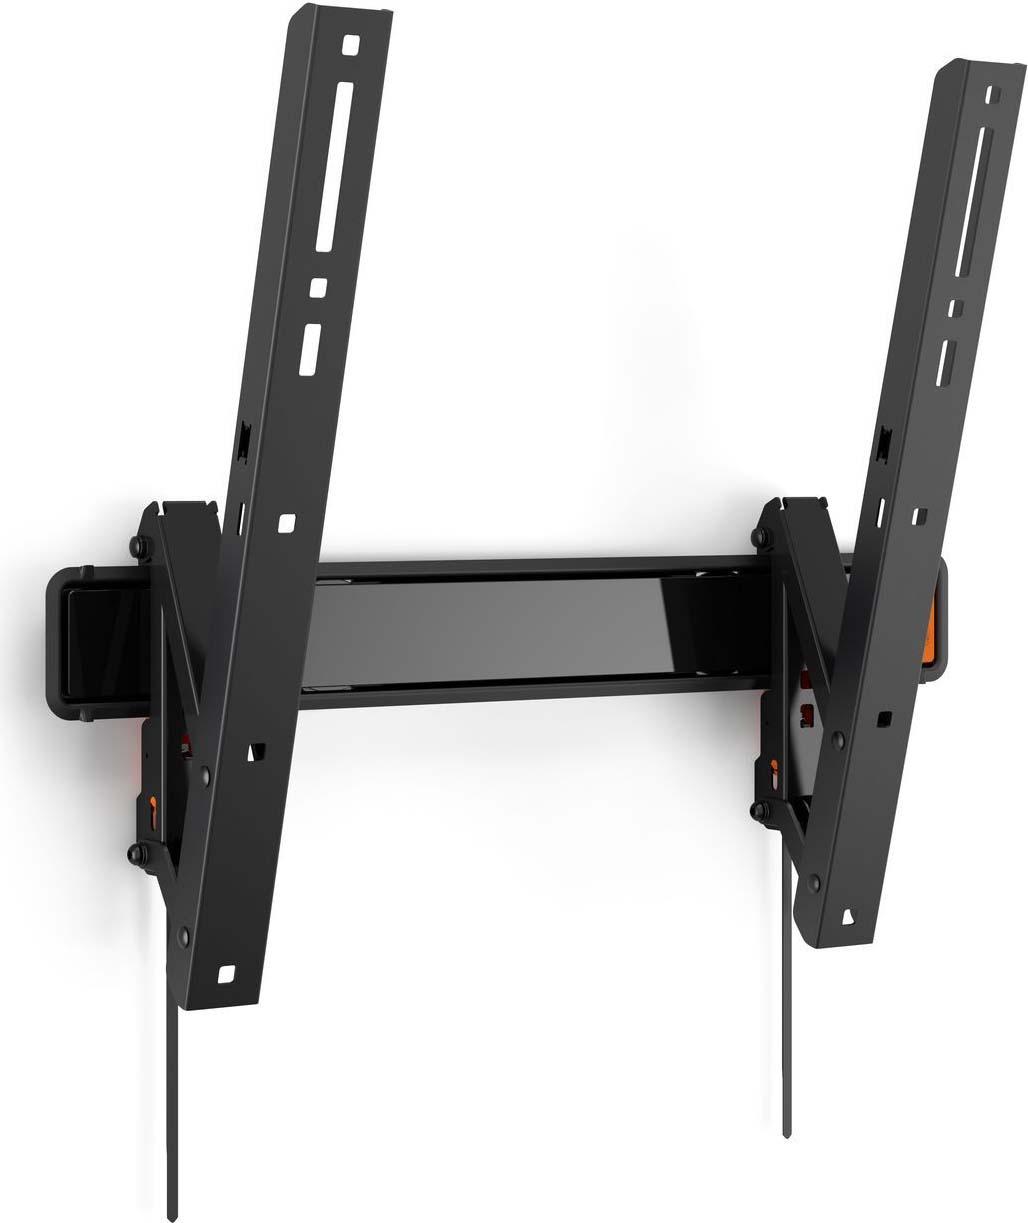 лучшая цена Кронштейн для ТВ Vogel's Wall 3215, черный